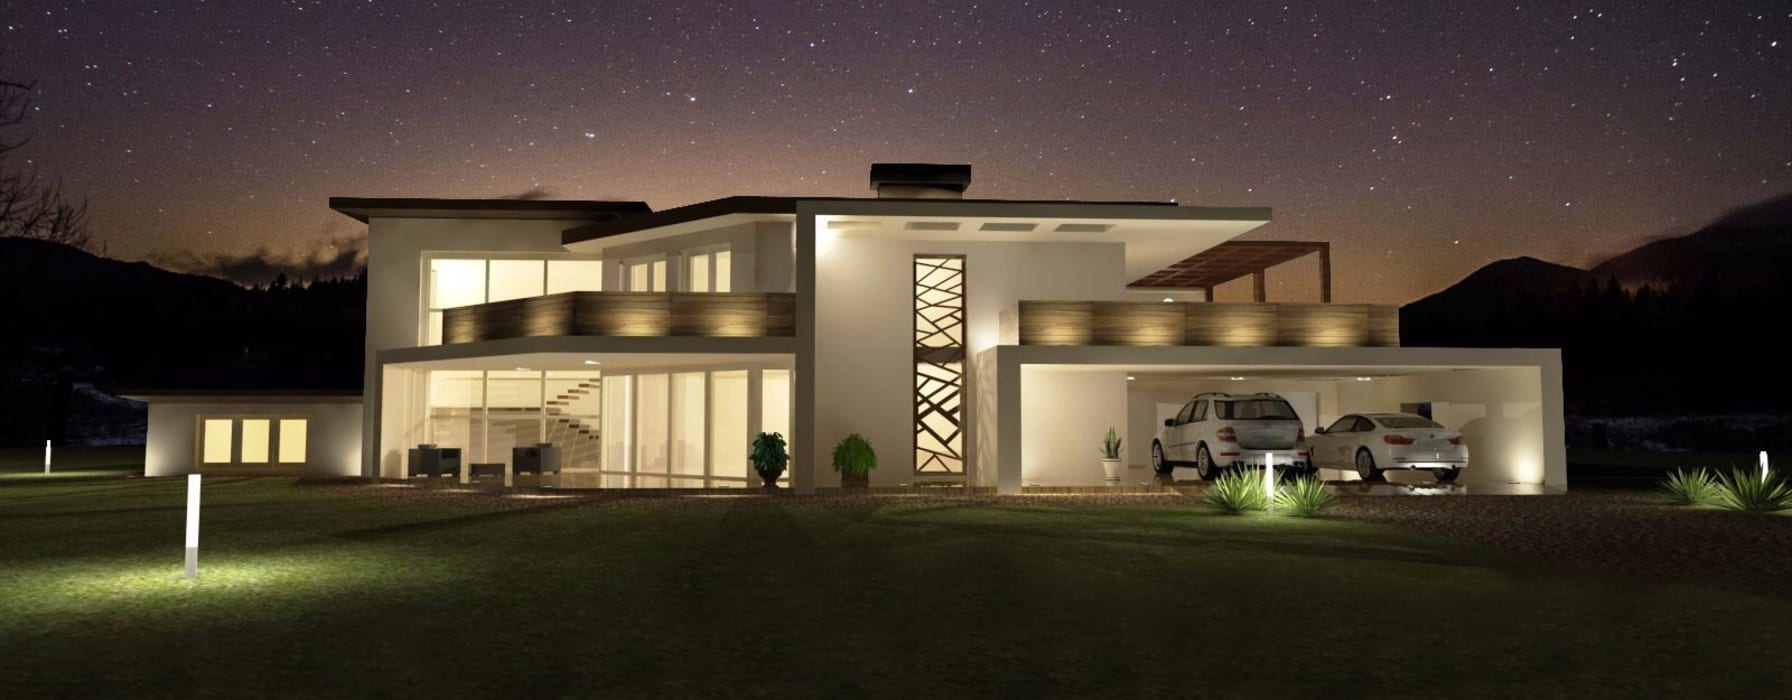 Progettazione Villa in legno VillaBio: Tetto piano in stile  di VillaBio